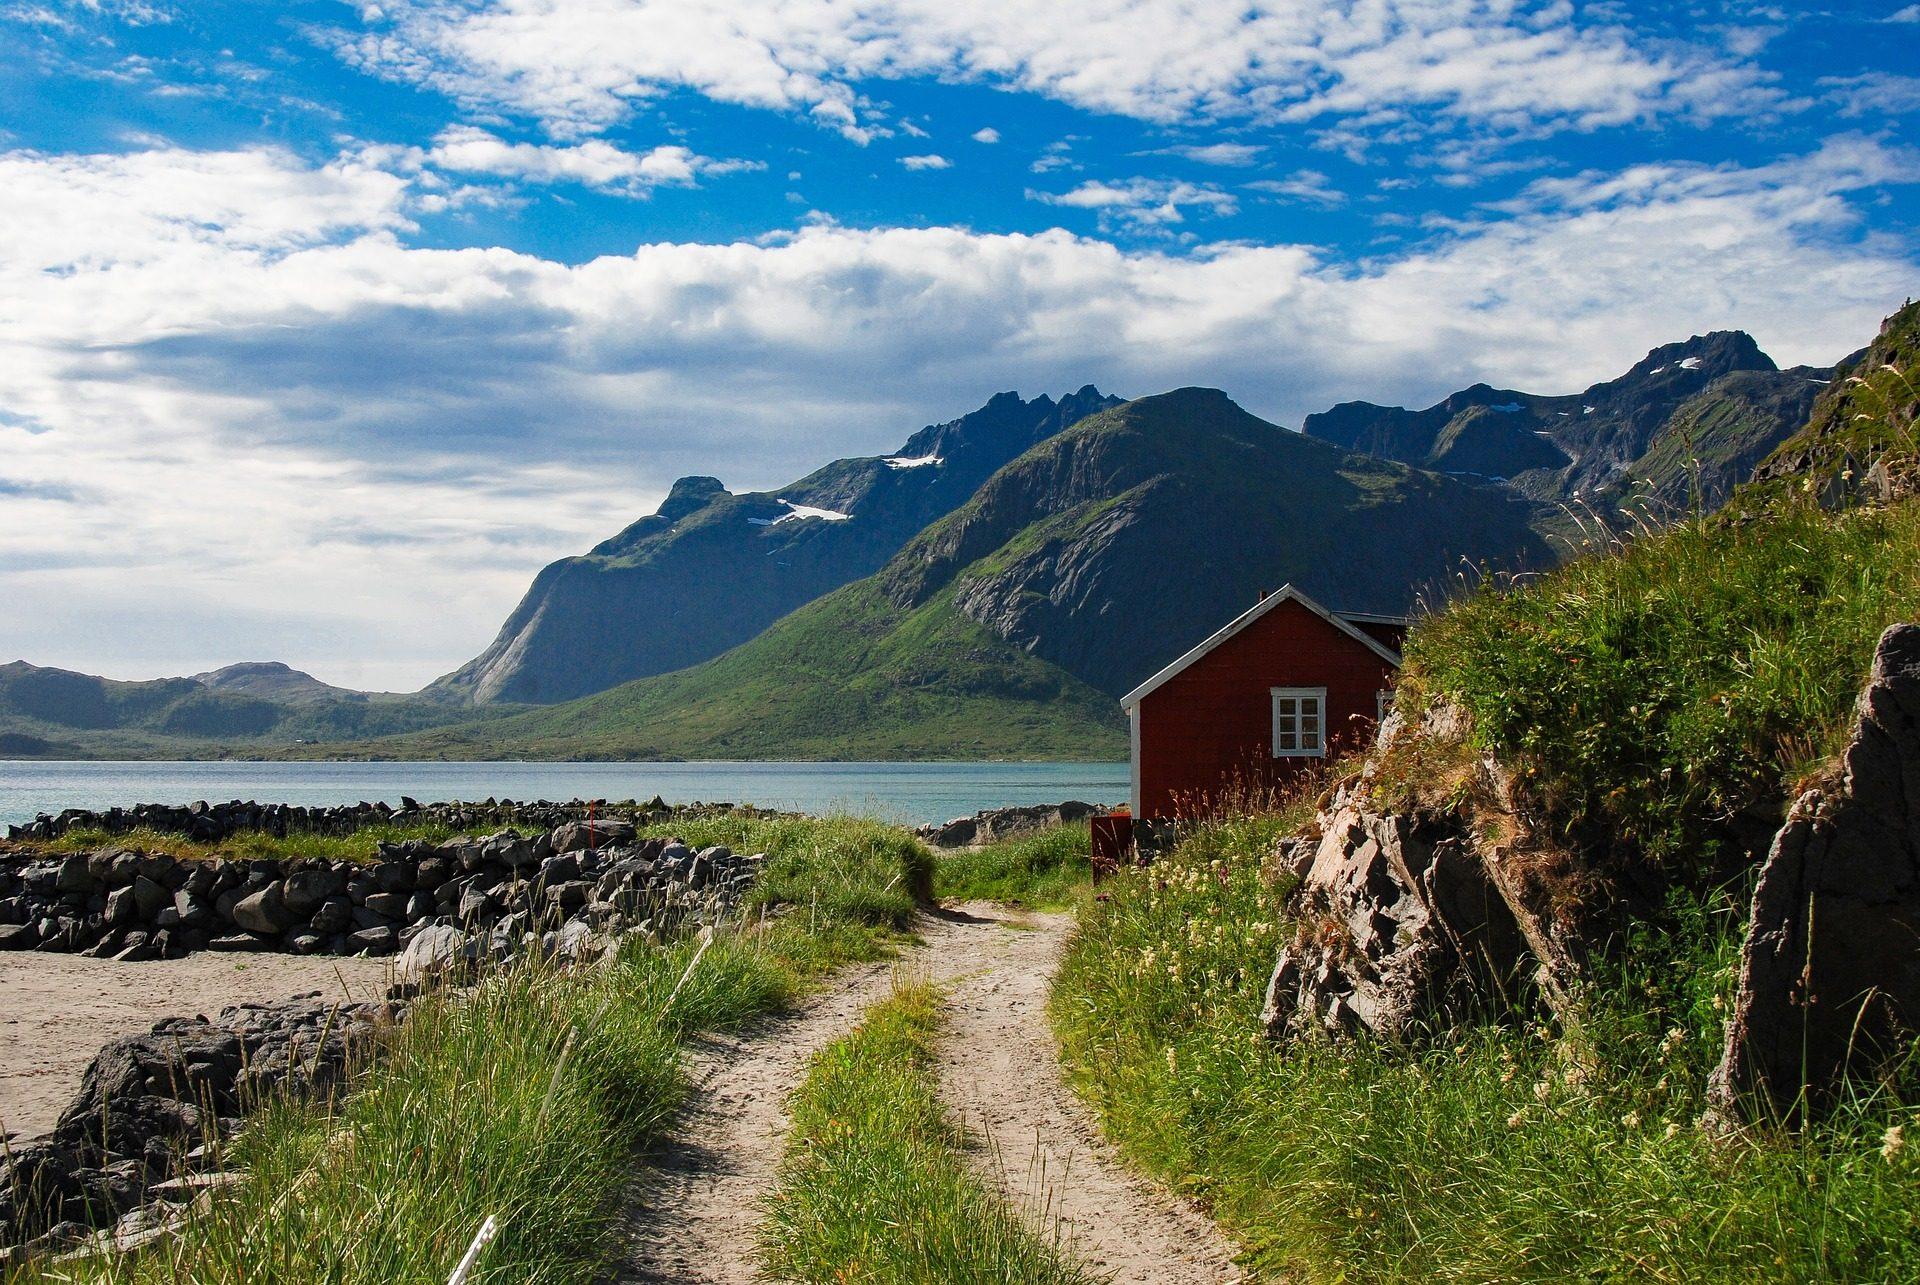 房子, Montañas, 字段, 雪, 湖, 云彩, 挪威 - 高清壁纸 - 教授-falken.com